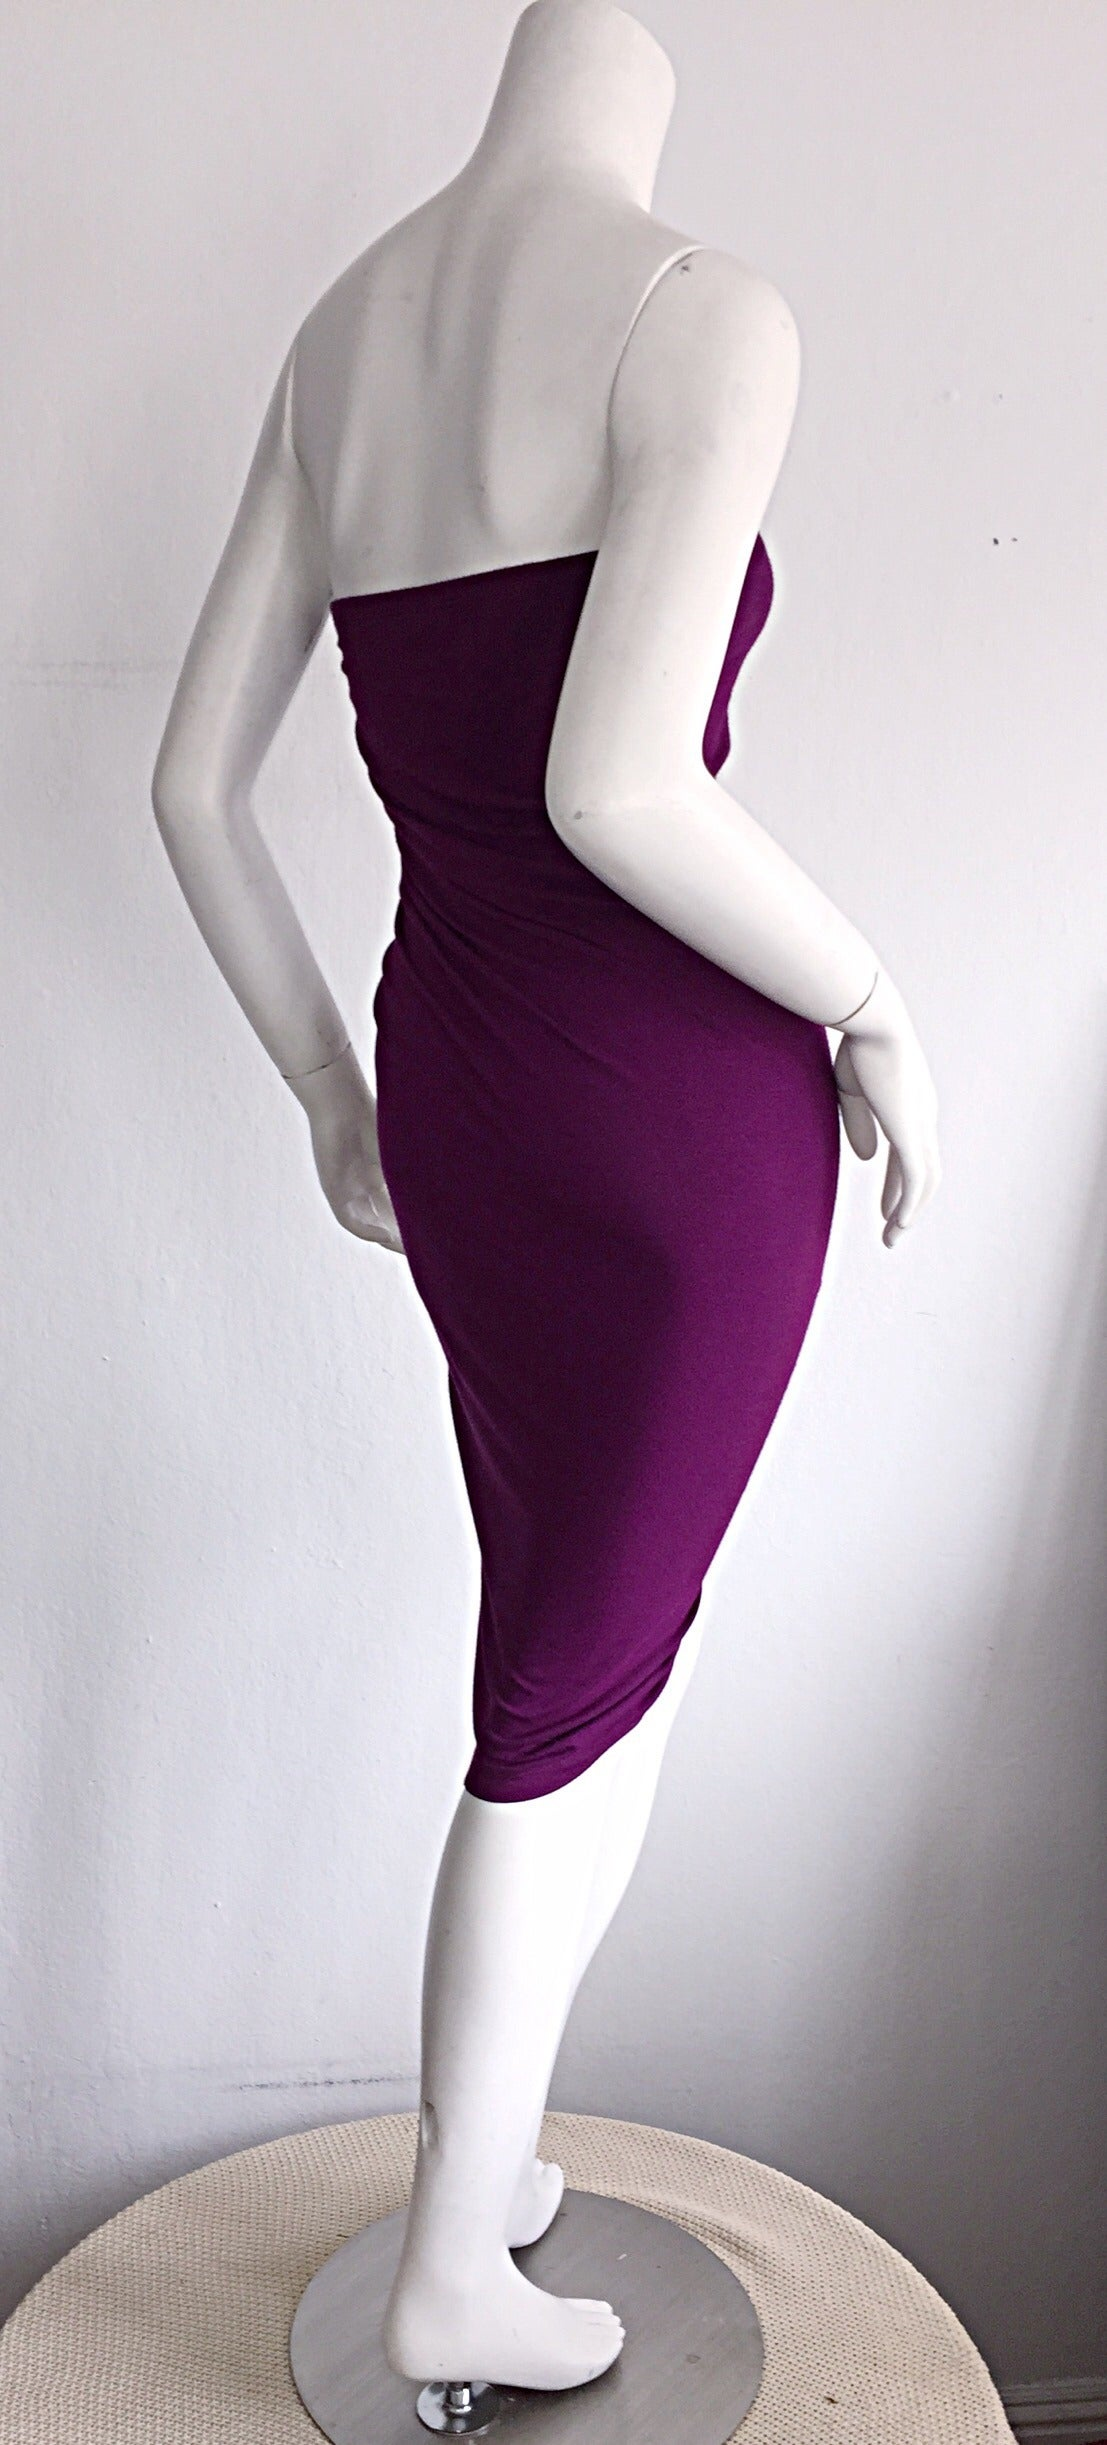 Brand New Donna Karan ' Black Label ' Fall 2010 Purple Ruched Runway Dress 5